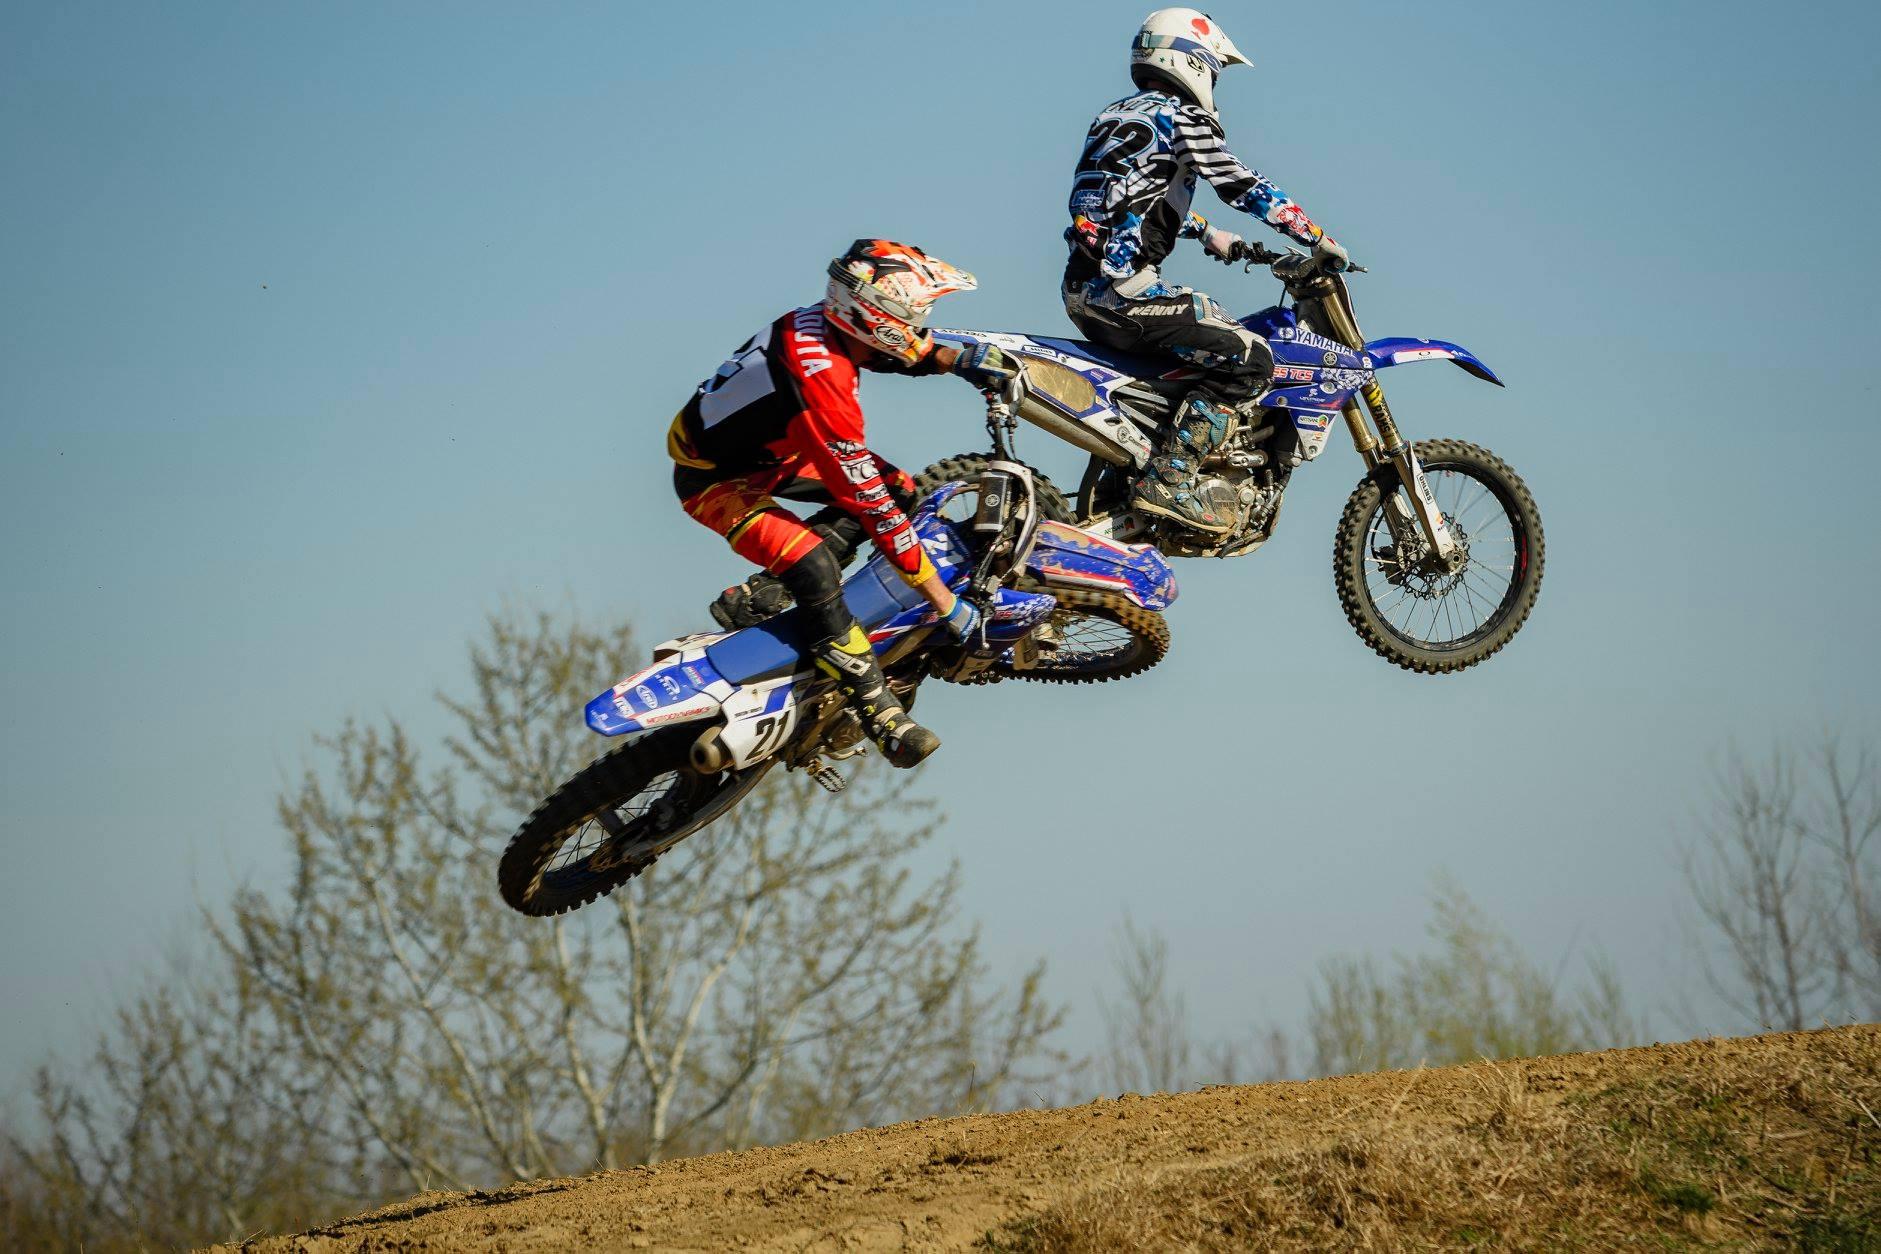 Etapele finale din Campionatul Est European și Național de Motocross se vor desfasura in perioada 4-6 octombrie la TCS Racing Park